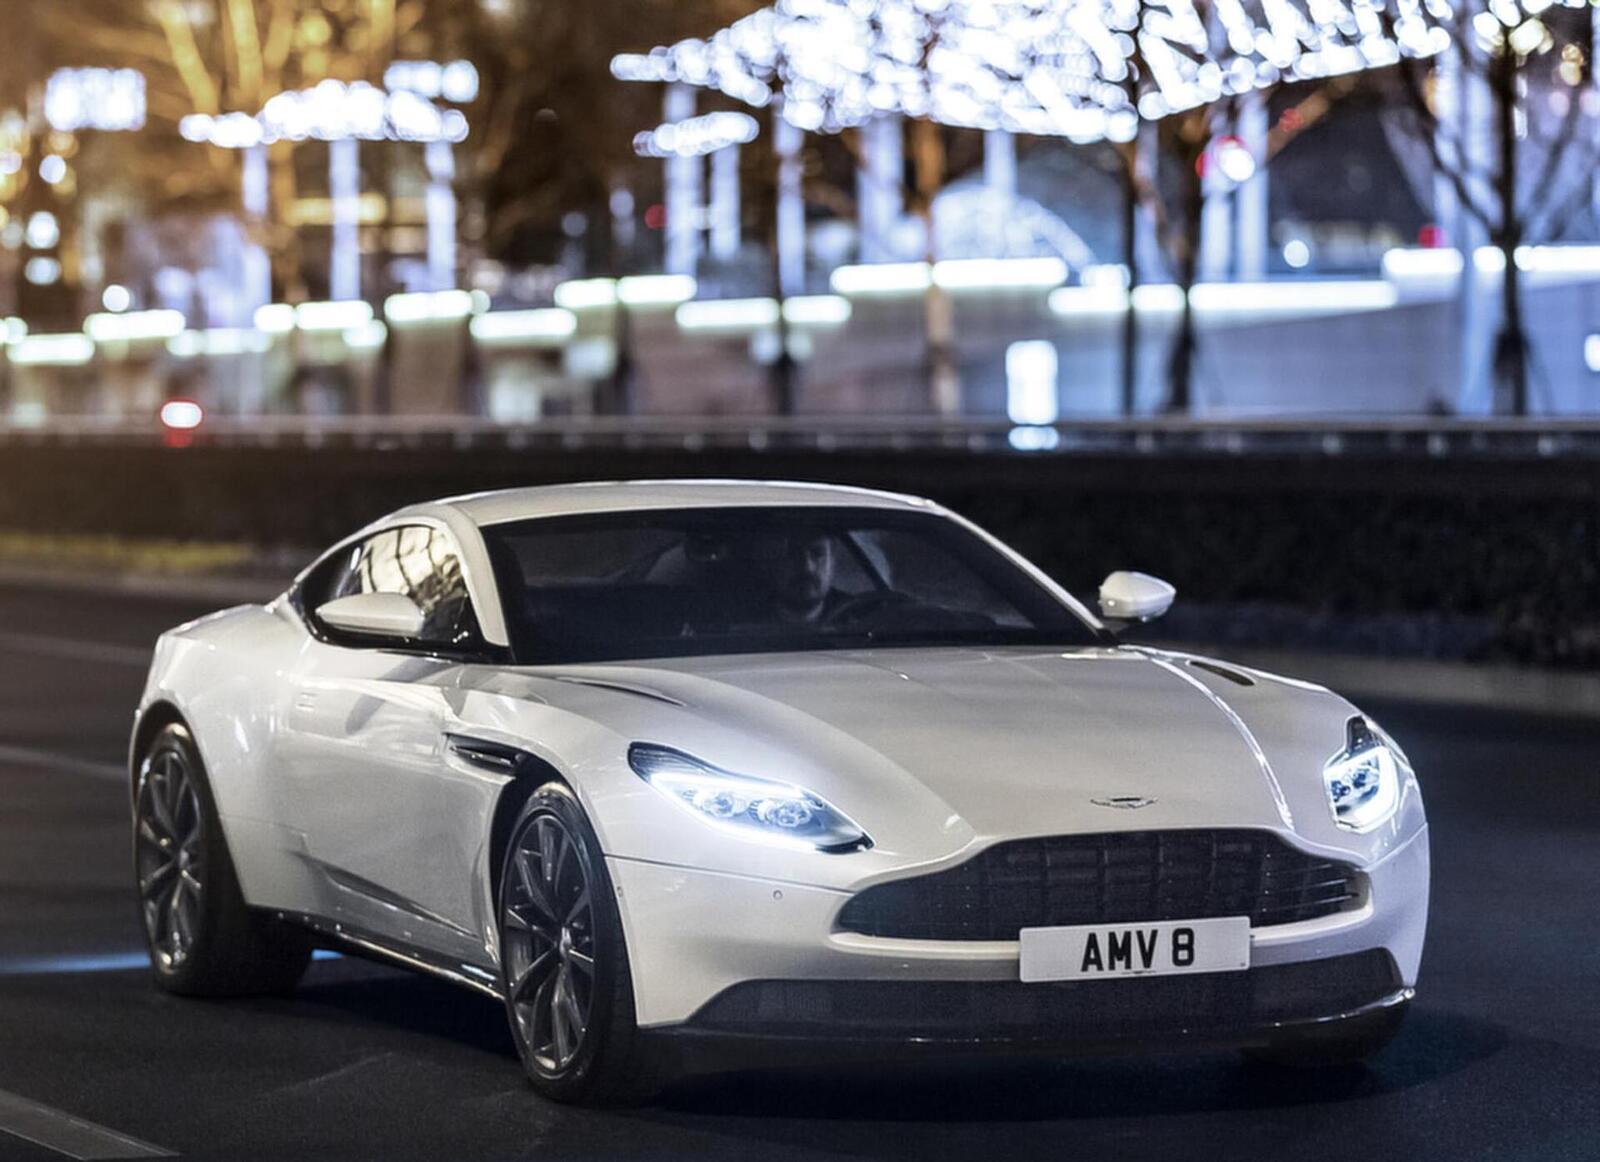 Siêu xe Aston Martin DB11 về Việt Nam; xe nhập chính hãng - Hình 11